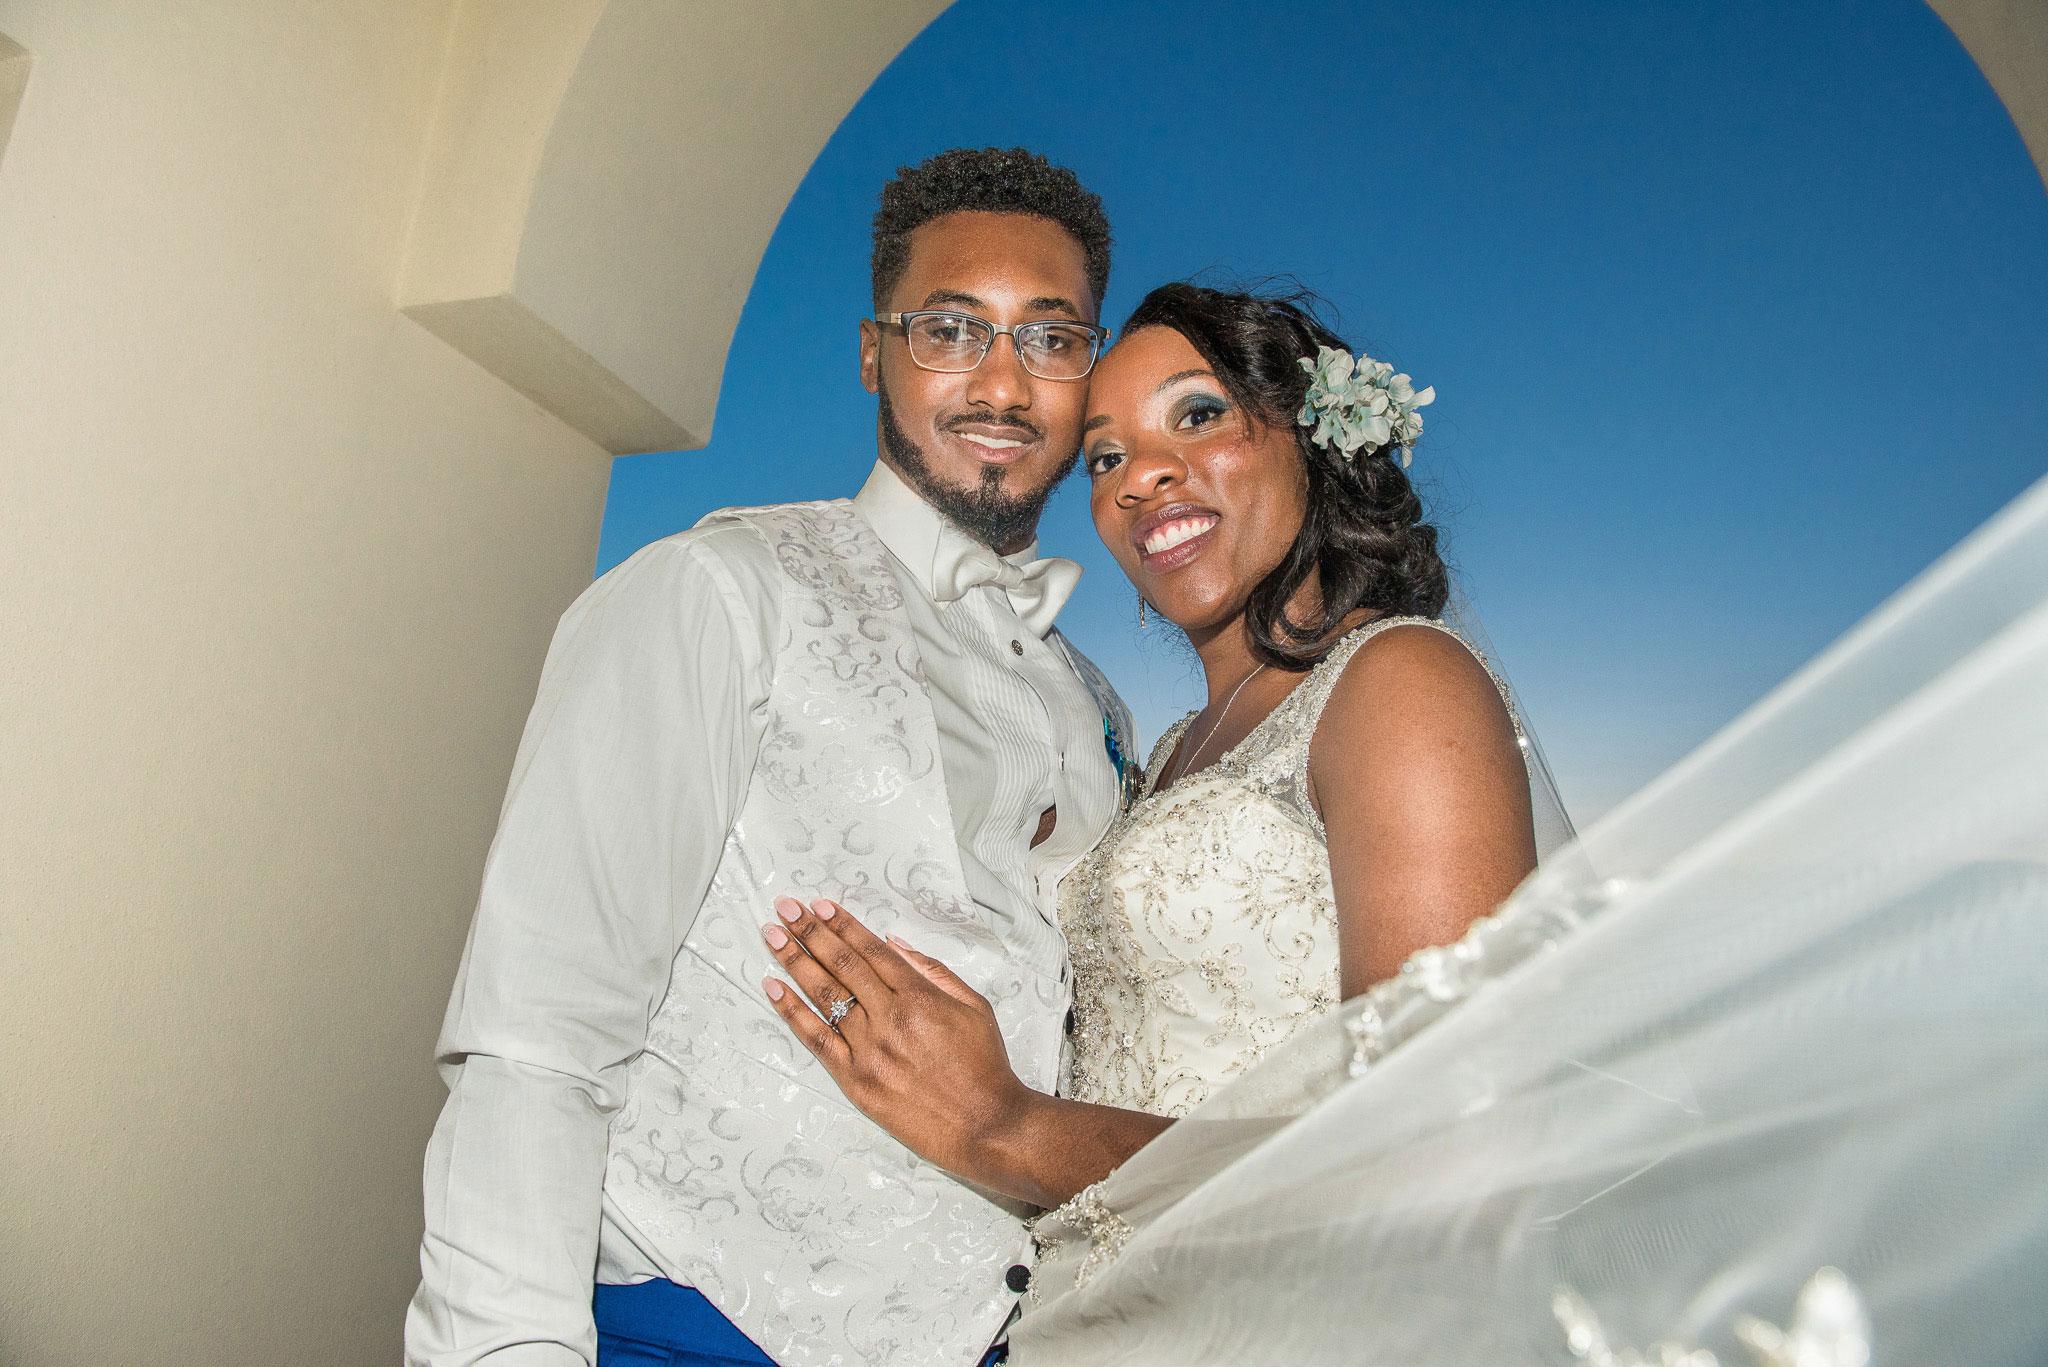 Matrimonio Nel Monferrato Dionne Dale - Wdding Matrimono Emanuele Tibaldi Fotografo 40 - Foto-matrimonio-di-notte - Foto-matrimonio-di-notte